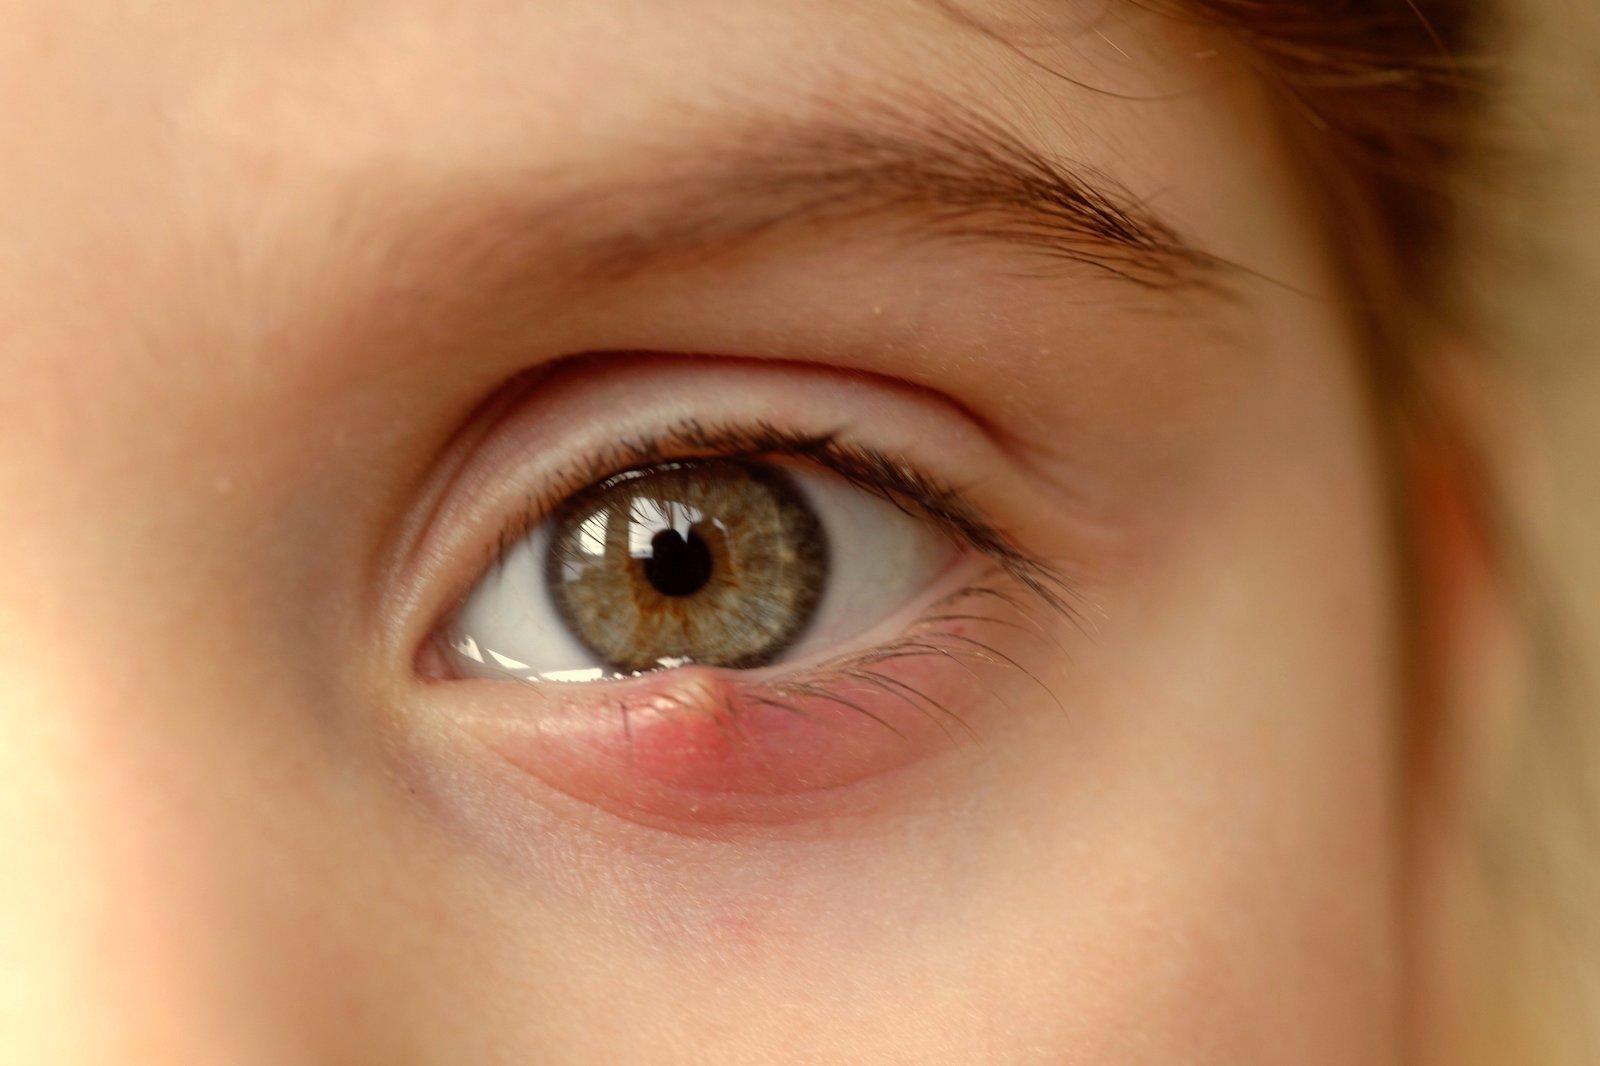 Totul despre miopie: cauze, simptome și modalități eficiente de tratament